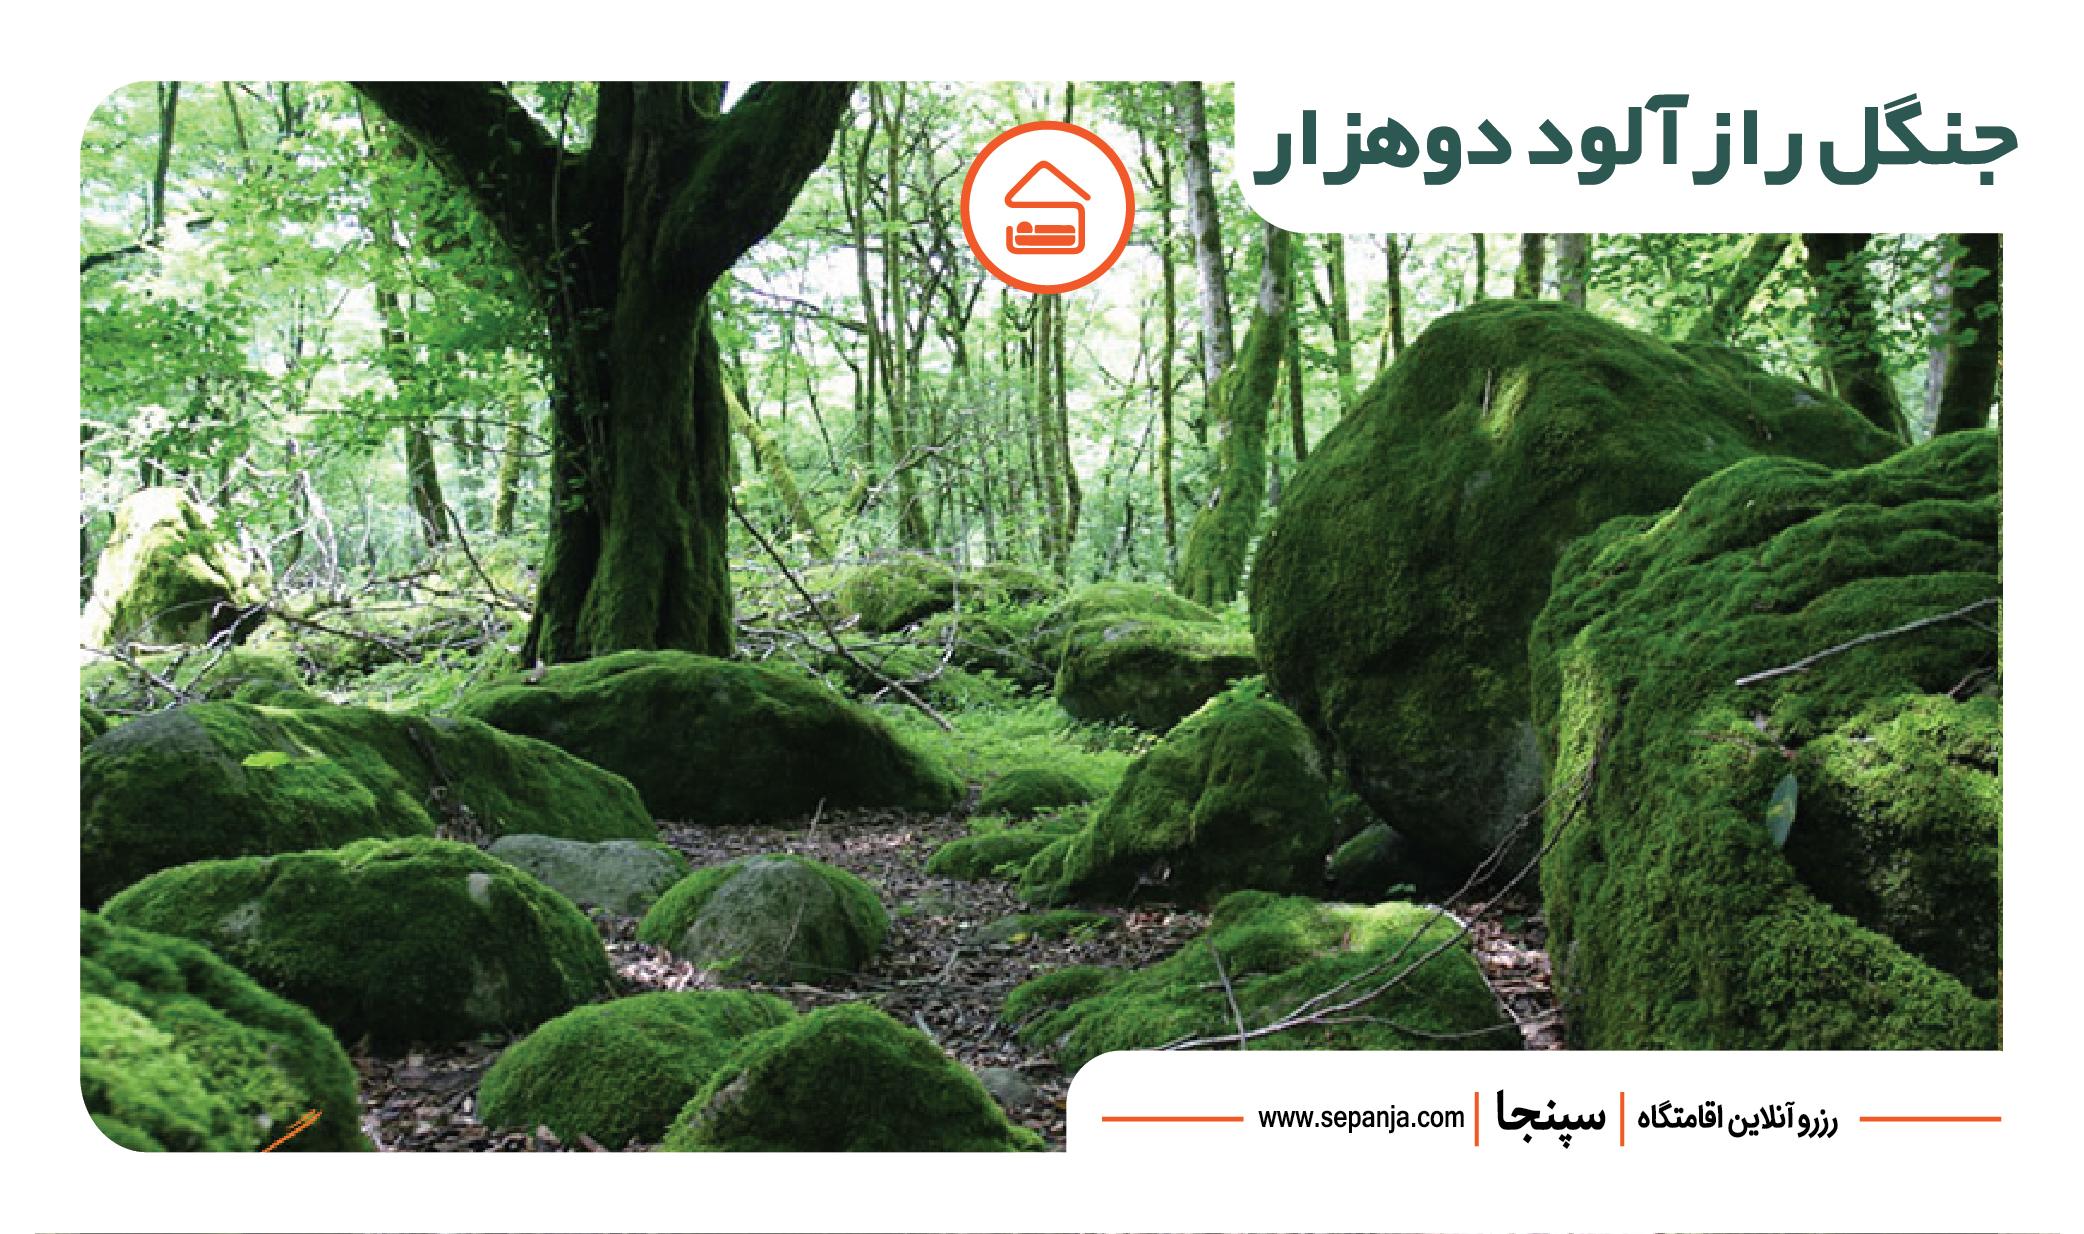 جنگل زیبای دوهزار از جاهای دیدنی تنکابن